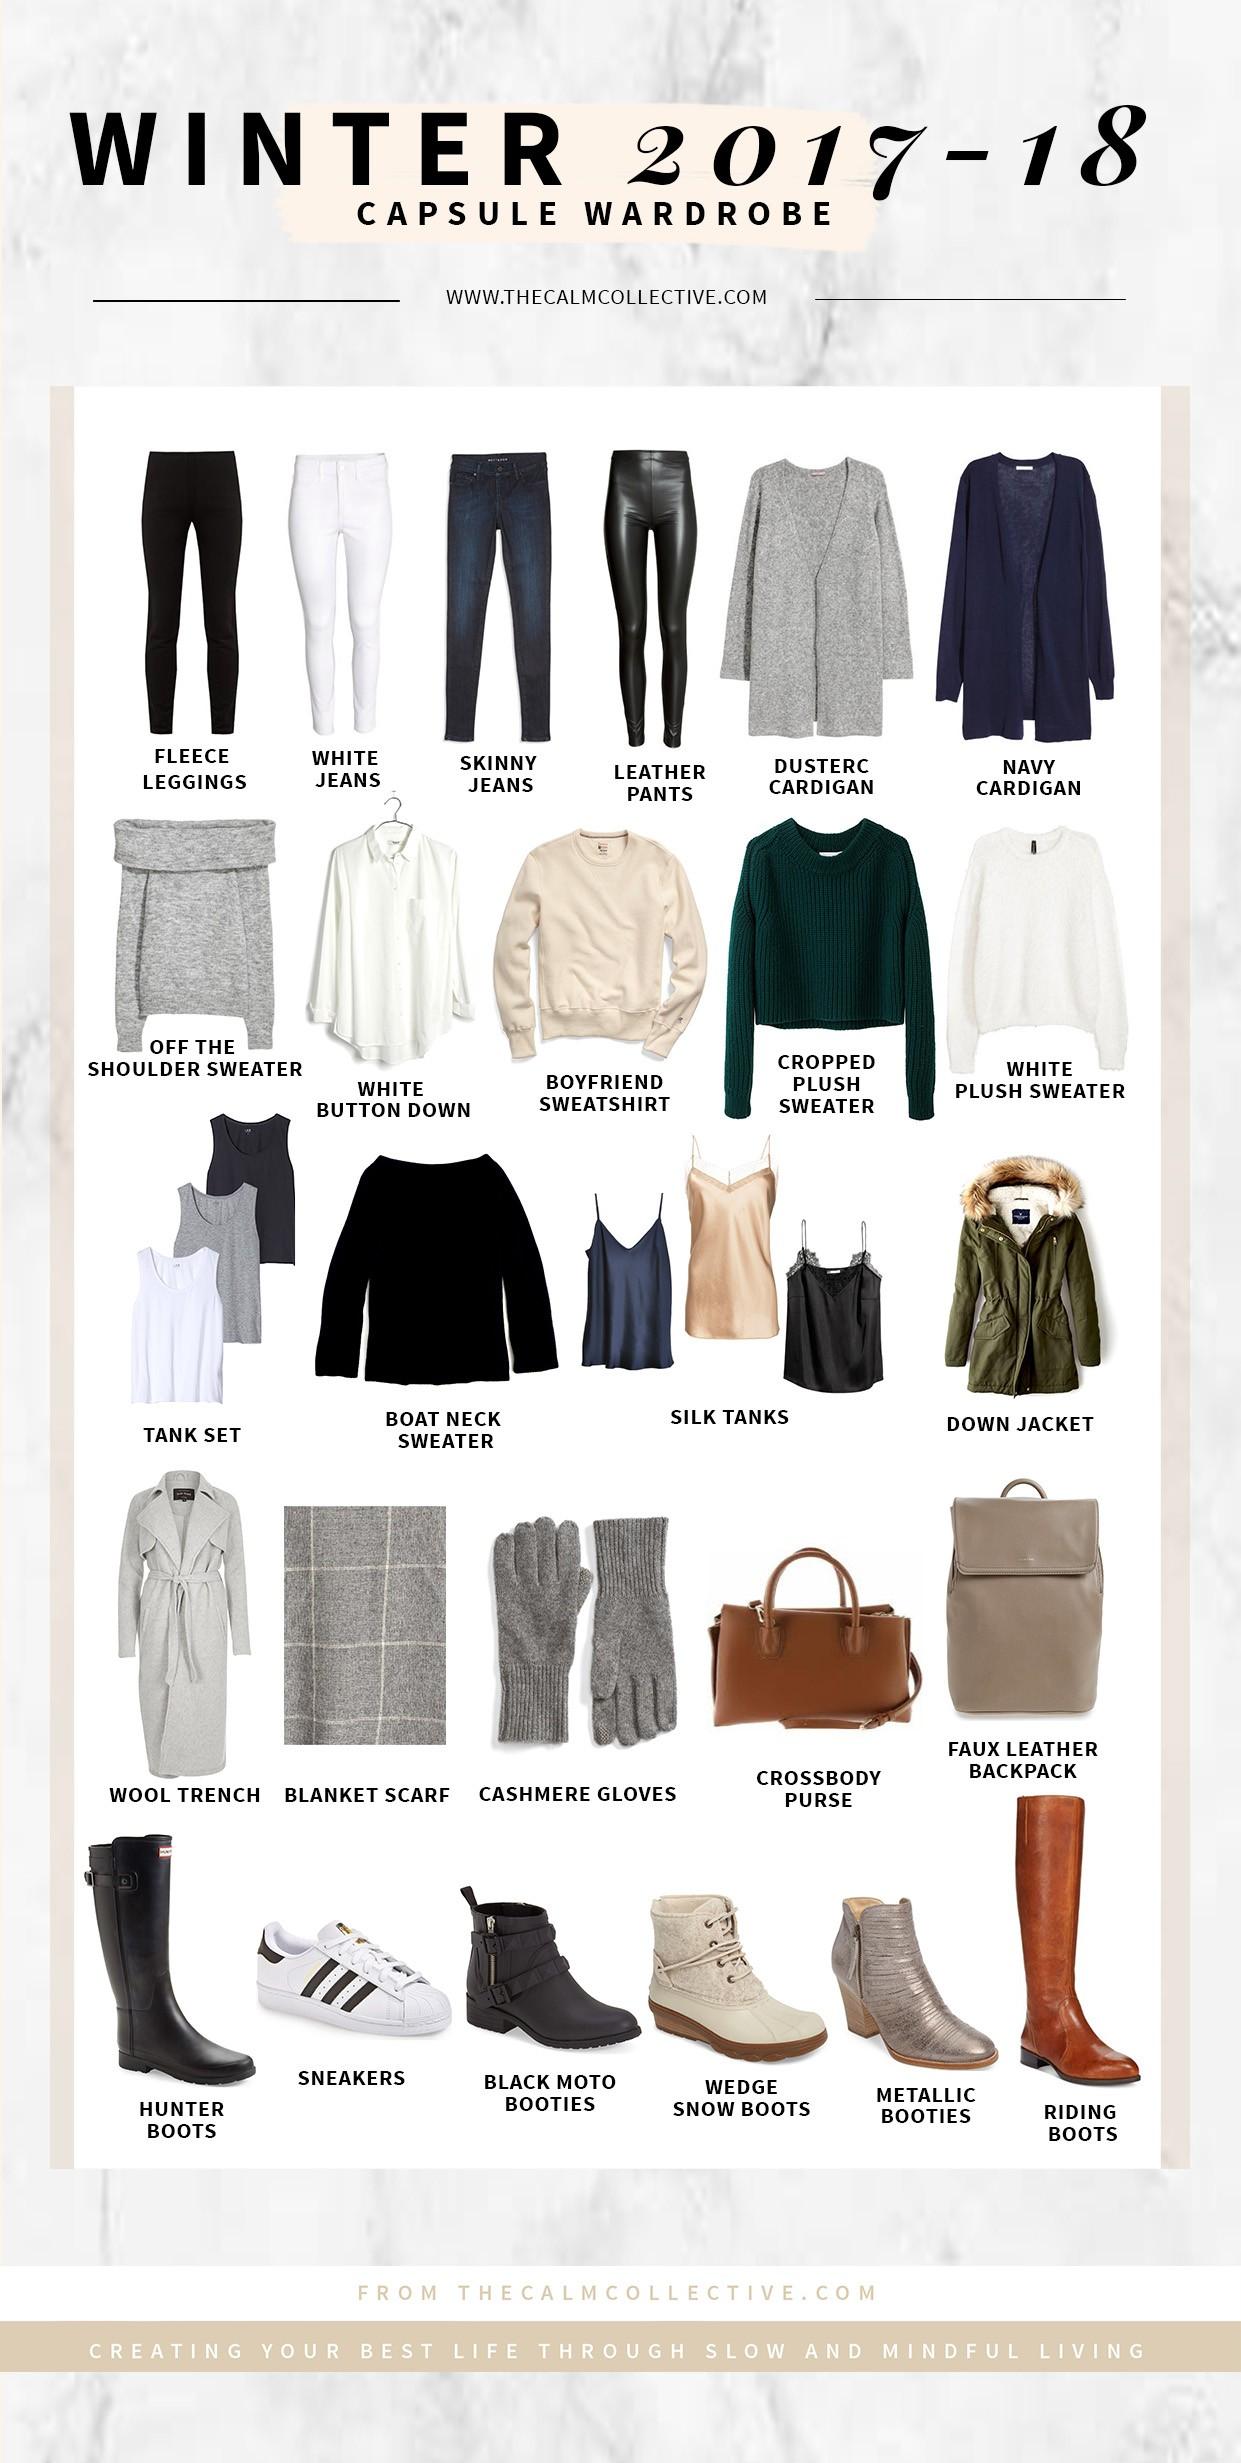 5e5959e8253 Winter Capsule Wardrobe For 2017 and 2018 - The Calm Collective